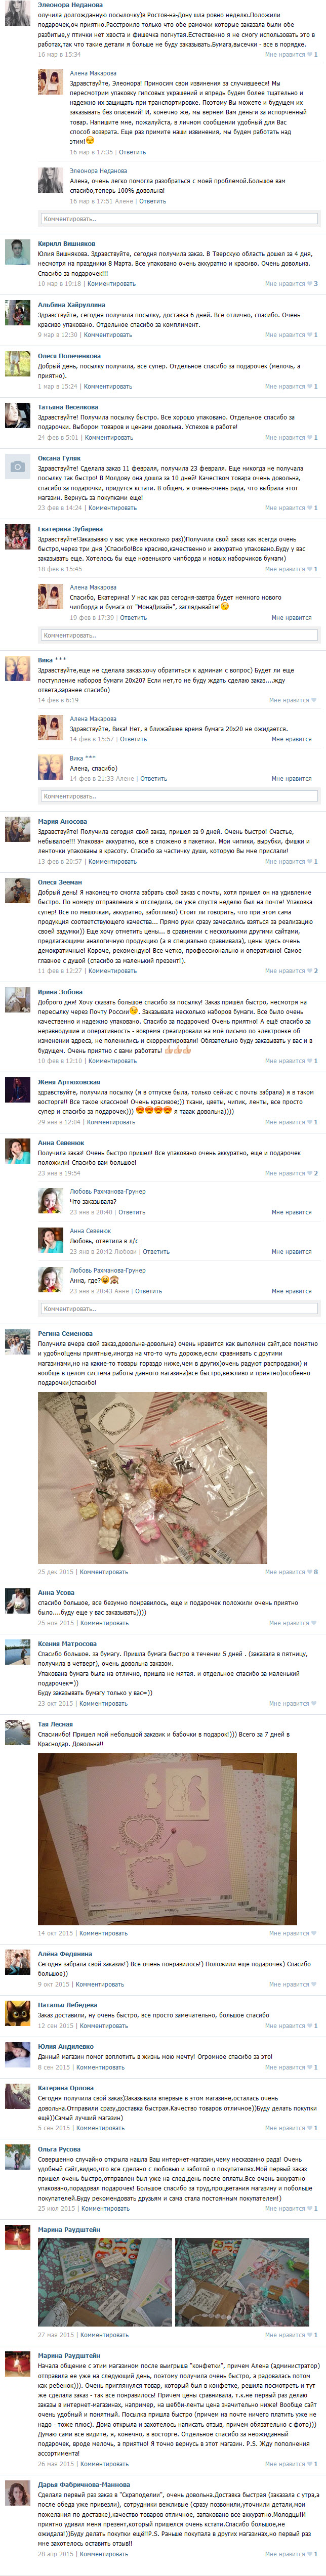 Отзывы о скрапбукинг интернет-магазине Скраподелие (Scrapodelie.ru). Товары для скрапбукинга, кардмейкинга и творчества